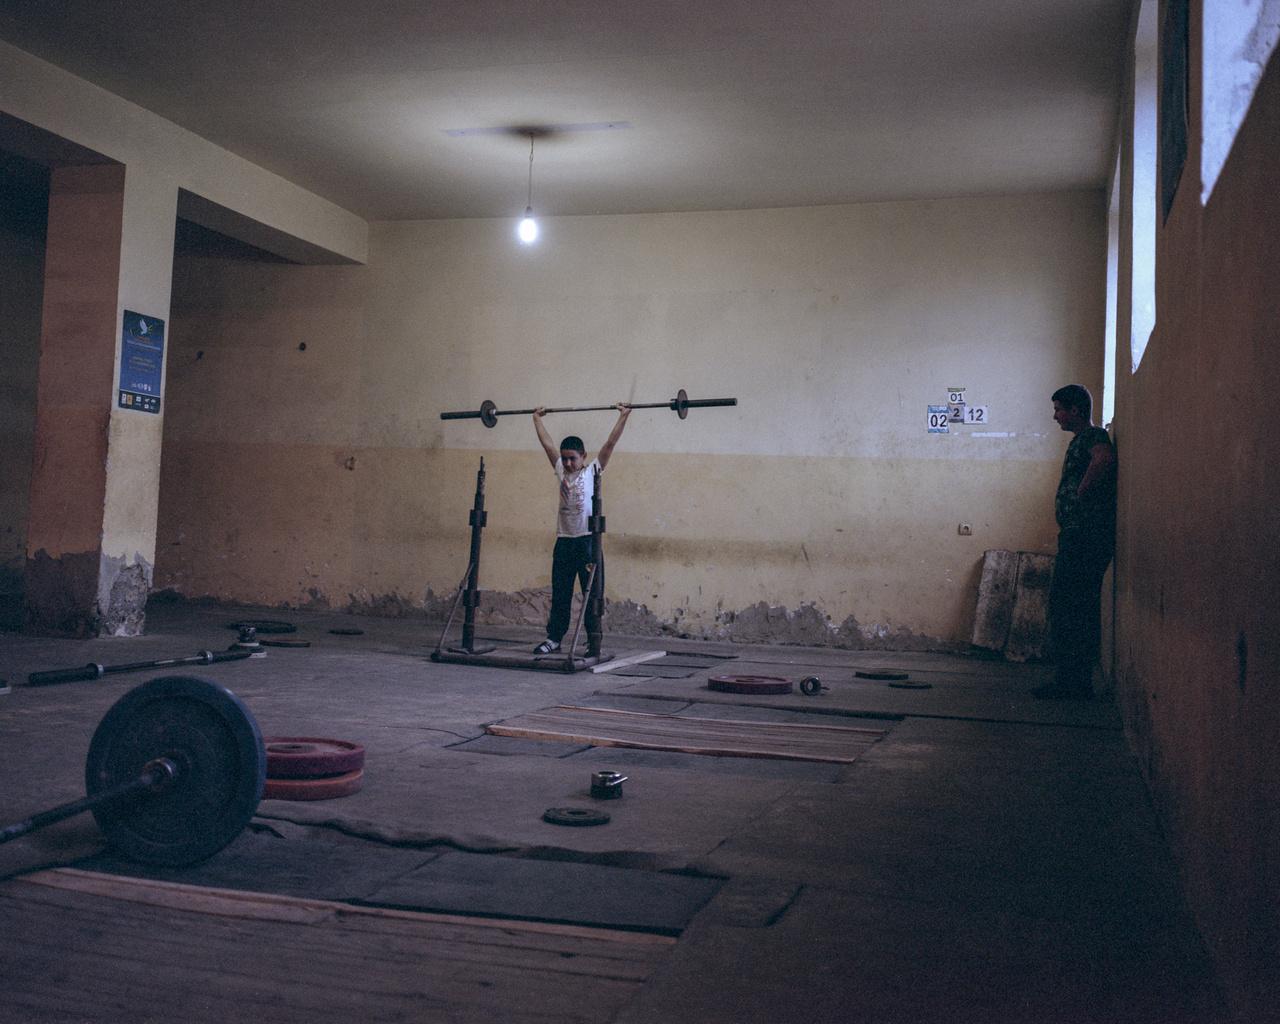 A török határhoz közeli Jrarat faluban edzenek a jövő reménységei. Innen származik és edz a mai napig Szimon Martiroszjan, aki 2018-ban nyert aranyérmet az asgabati súlyemelő-világbajnokságon, világrekordot felállítva. A falon a világversenyekről hazahozott rajtszámai láthatóak.